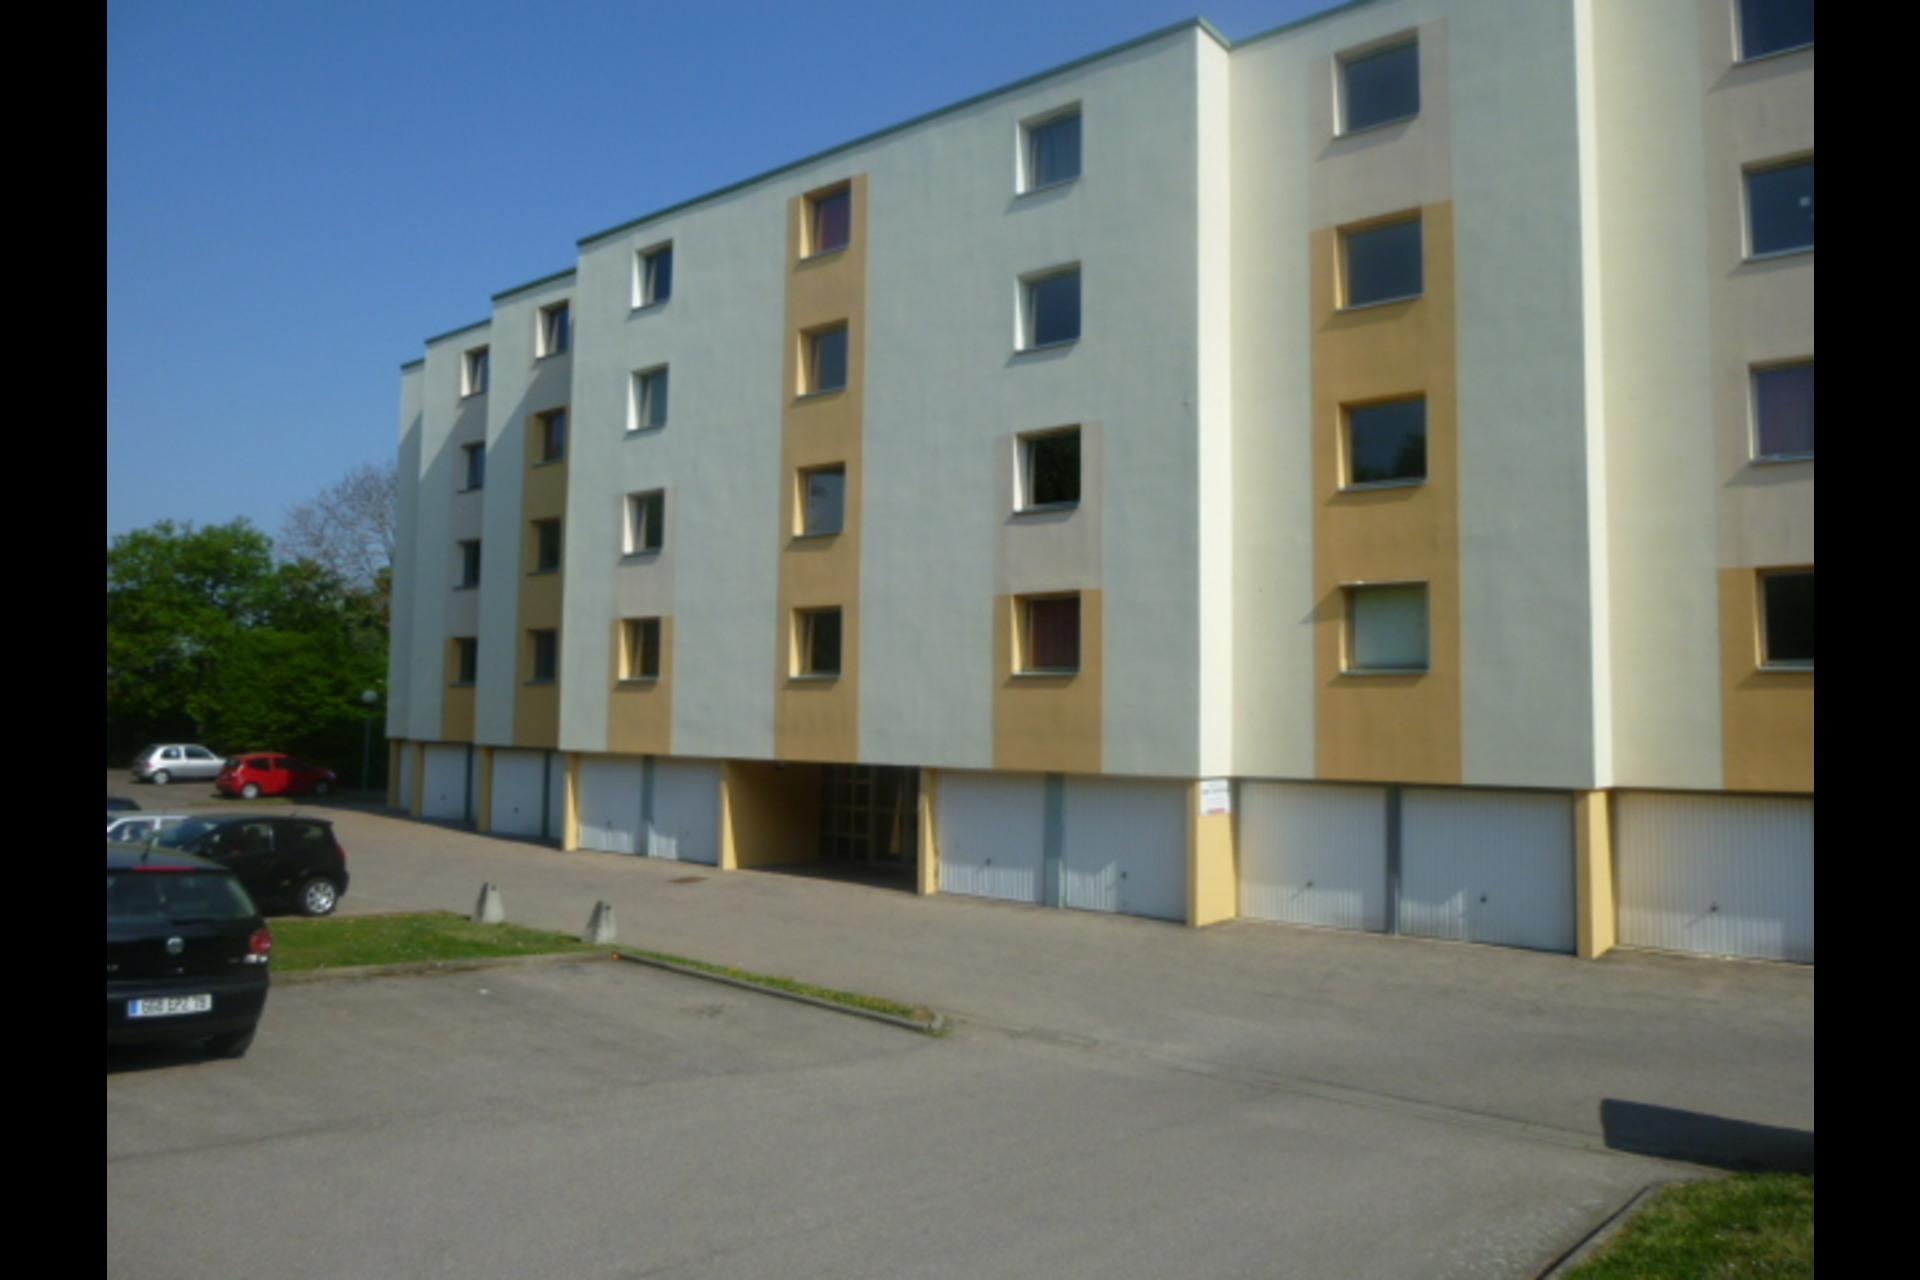 image 7 - Appartement À louer VANDOEUVRE LES NANCY VANDOEUVRE  BRABOIS  - 1 pièce